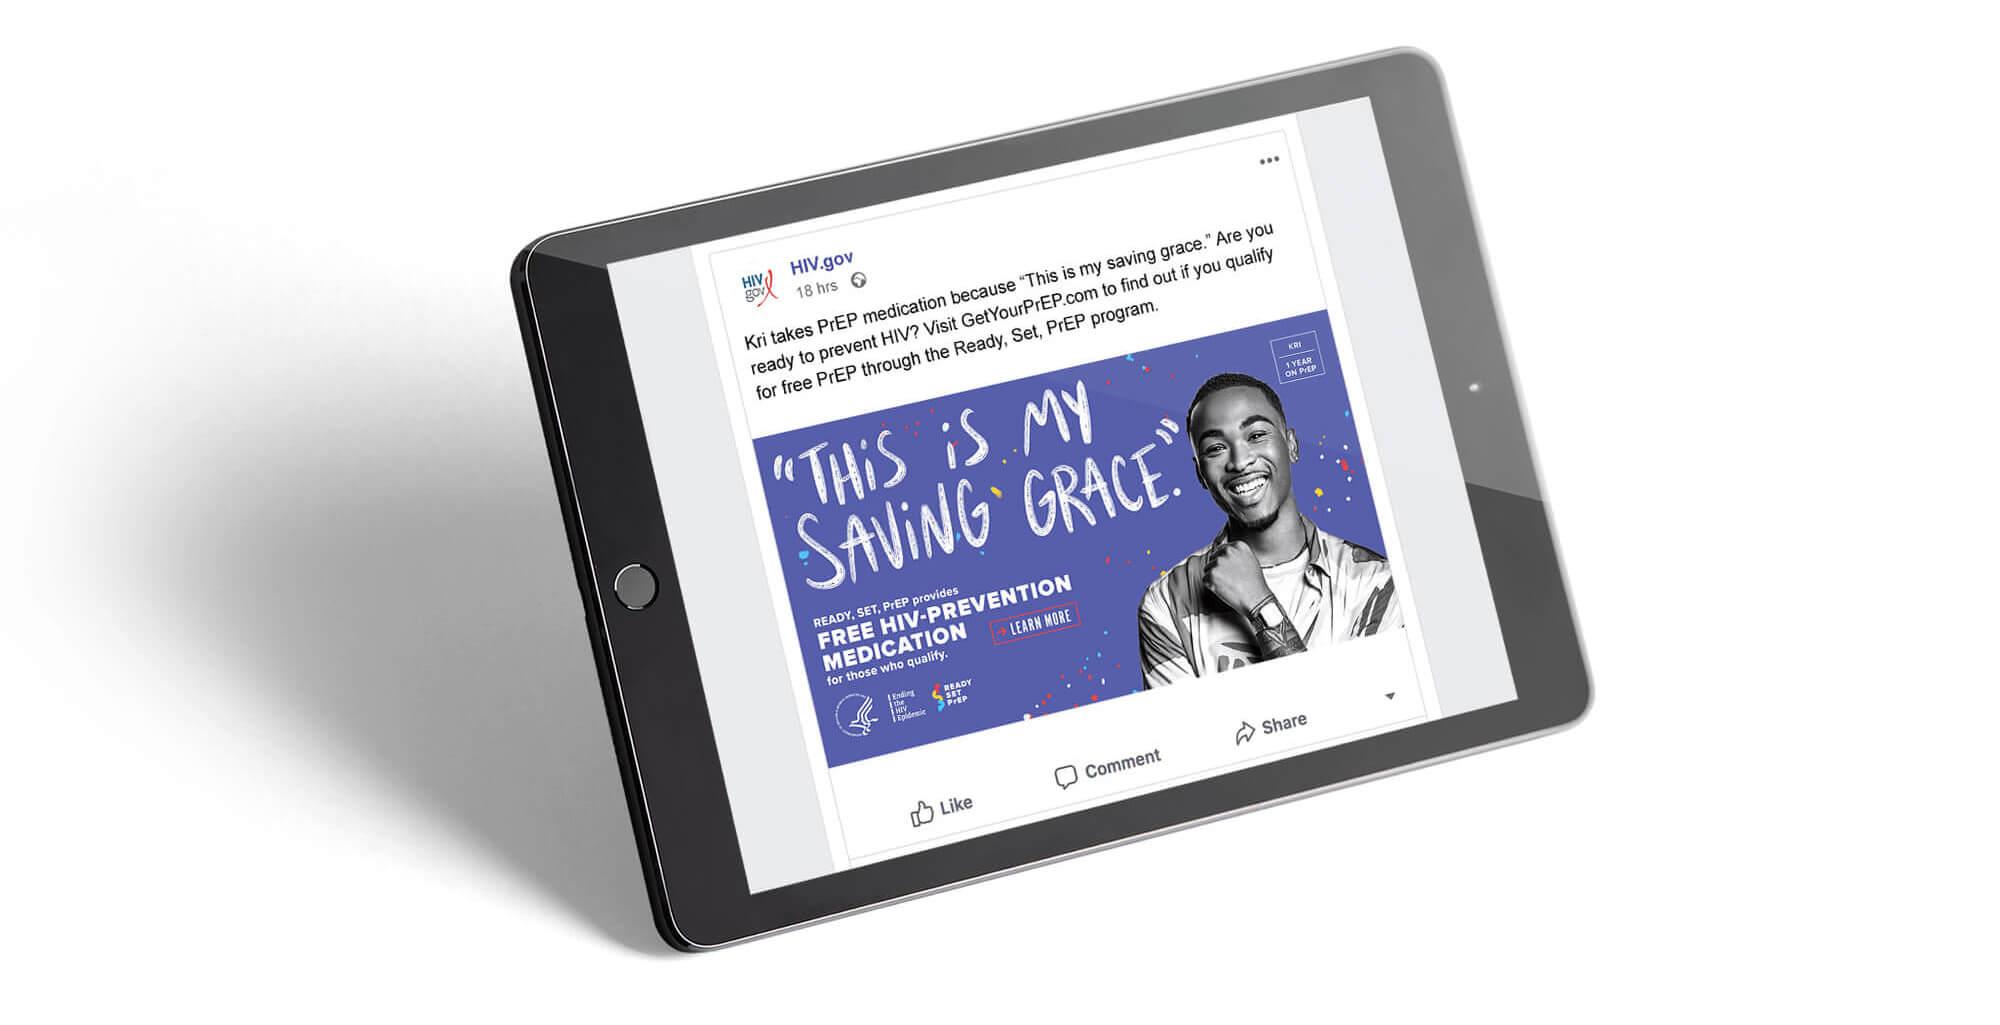 Social post on an iPad